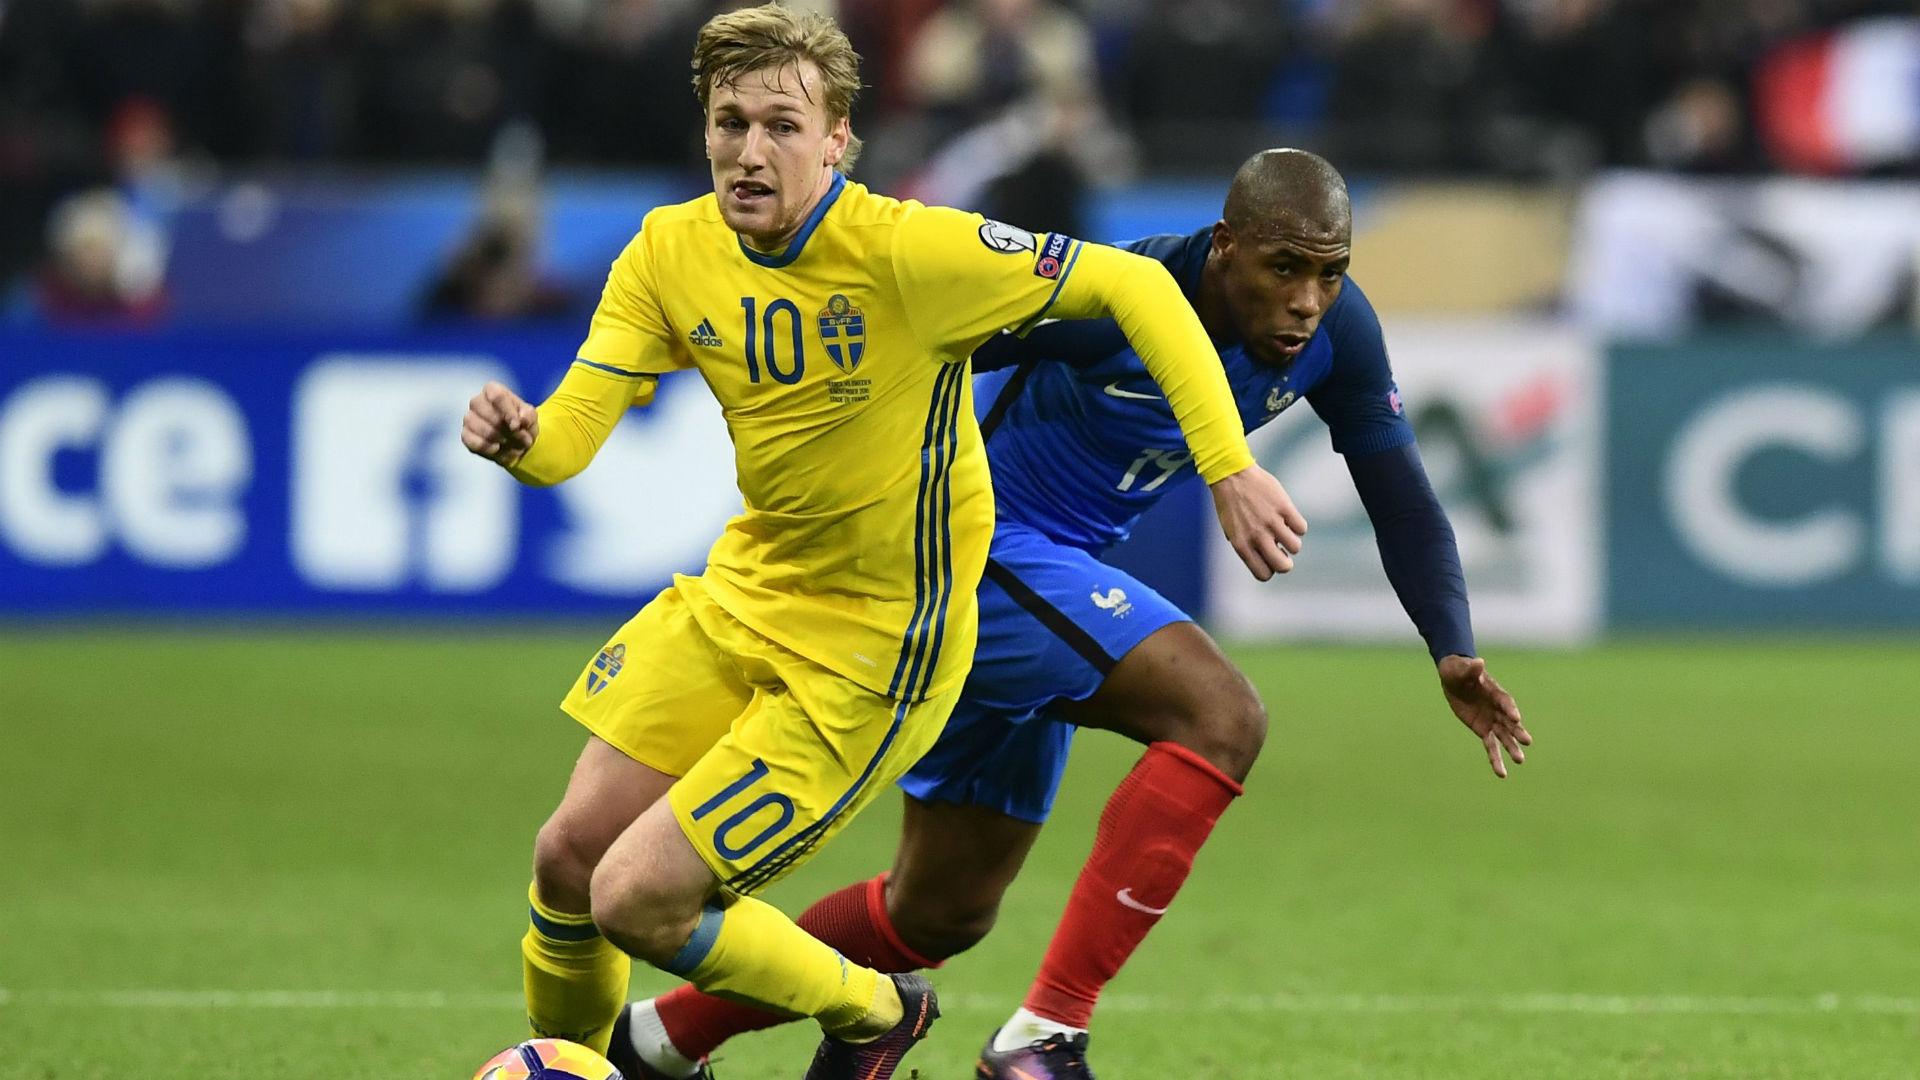 Speltips Sverige - Frankrike